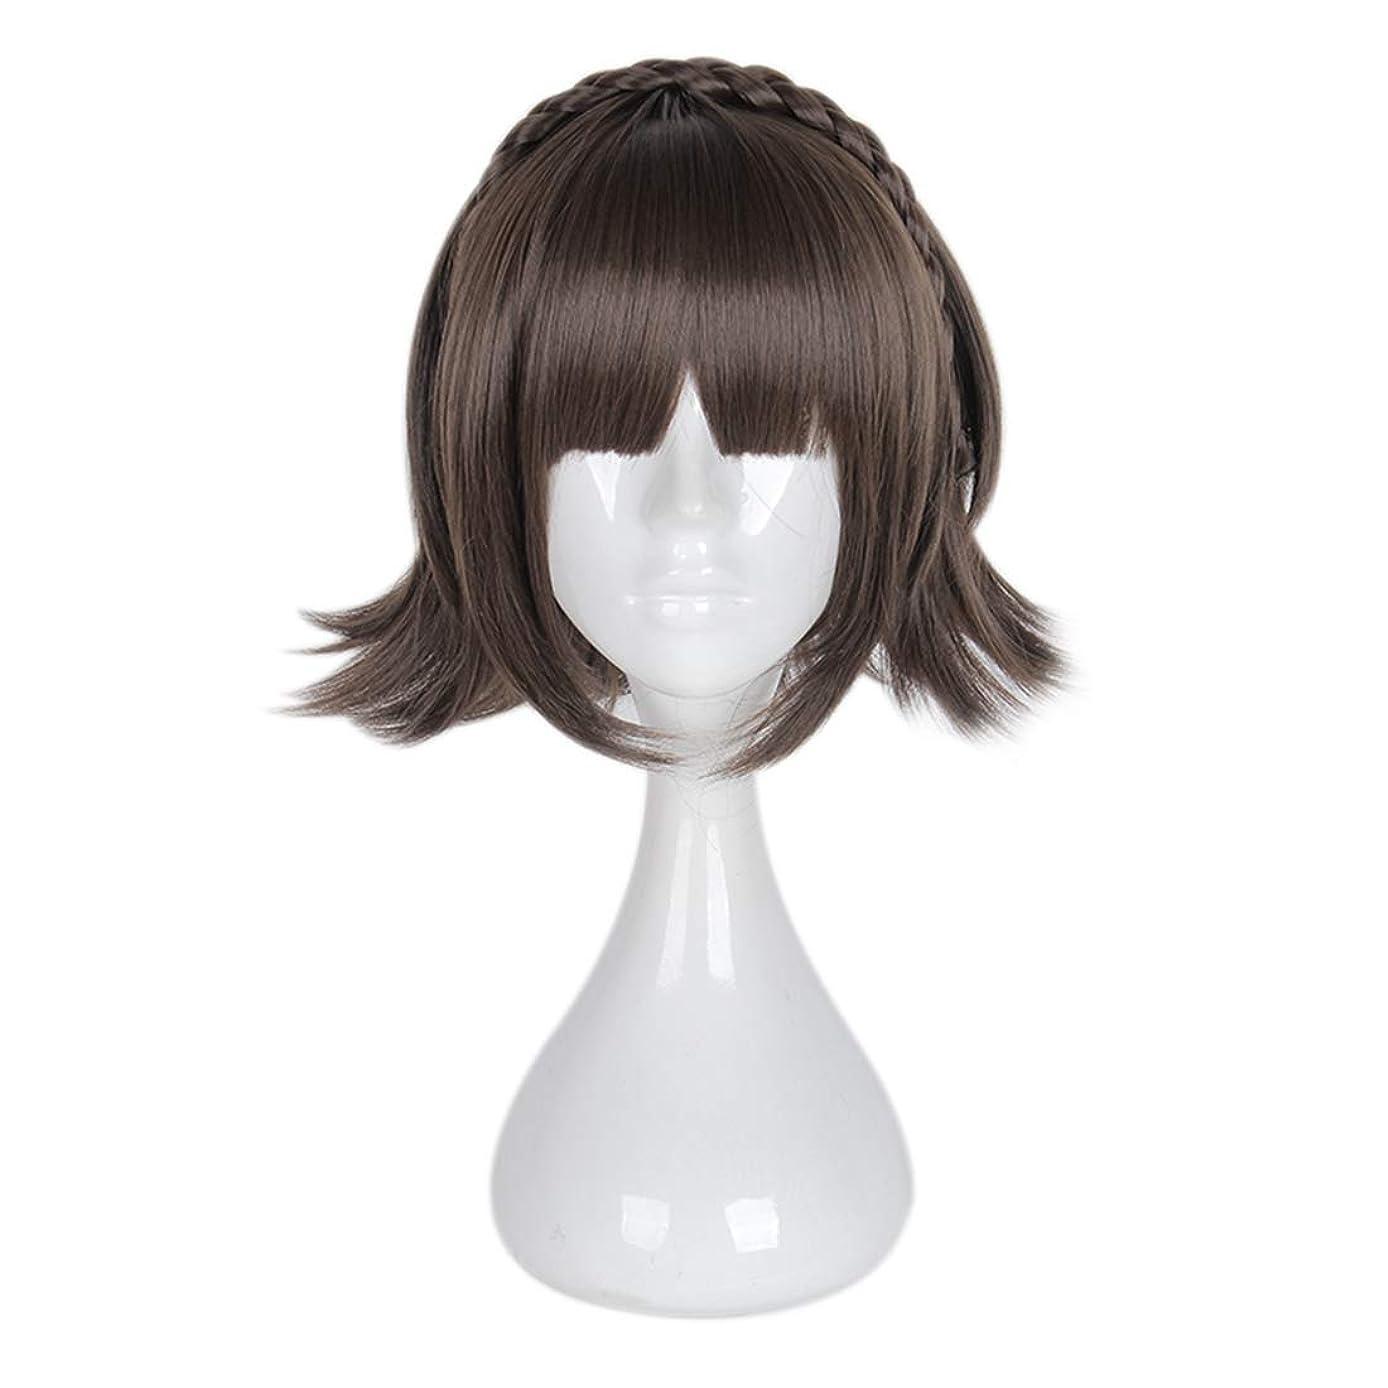 順番問い合わせるリークKoloeplf 少女チー劉ハイファツイストショートヘアコスプレウィッグスーパーかわいいアンチワーピングヘア (Color : ブラウン)